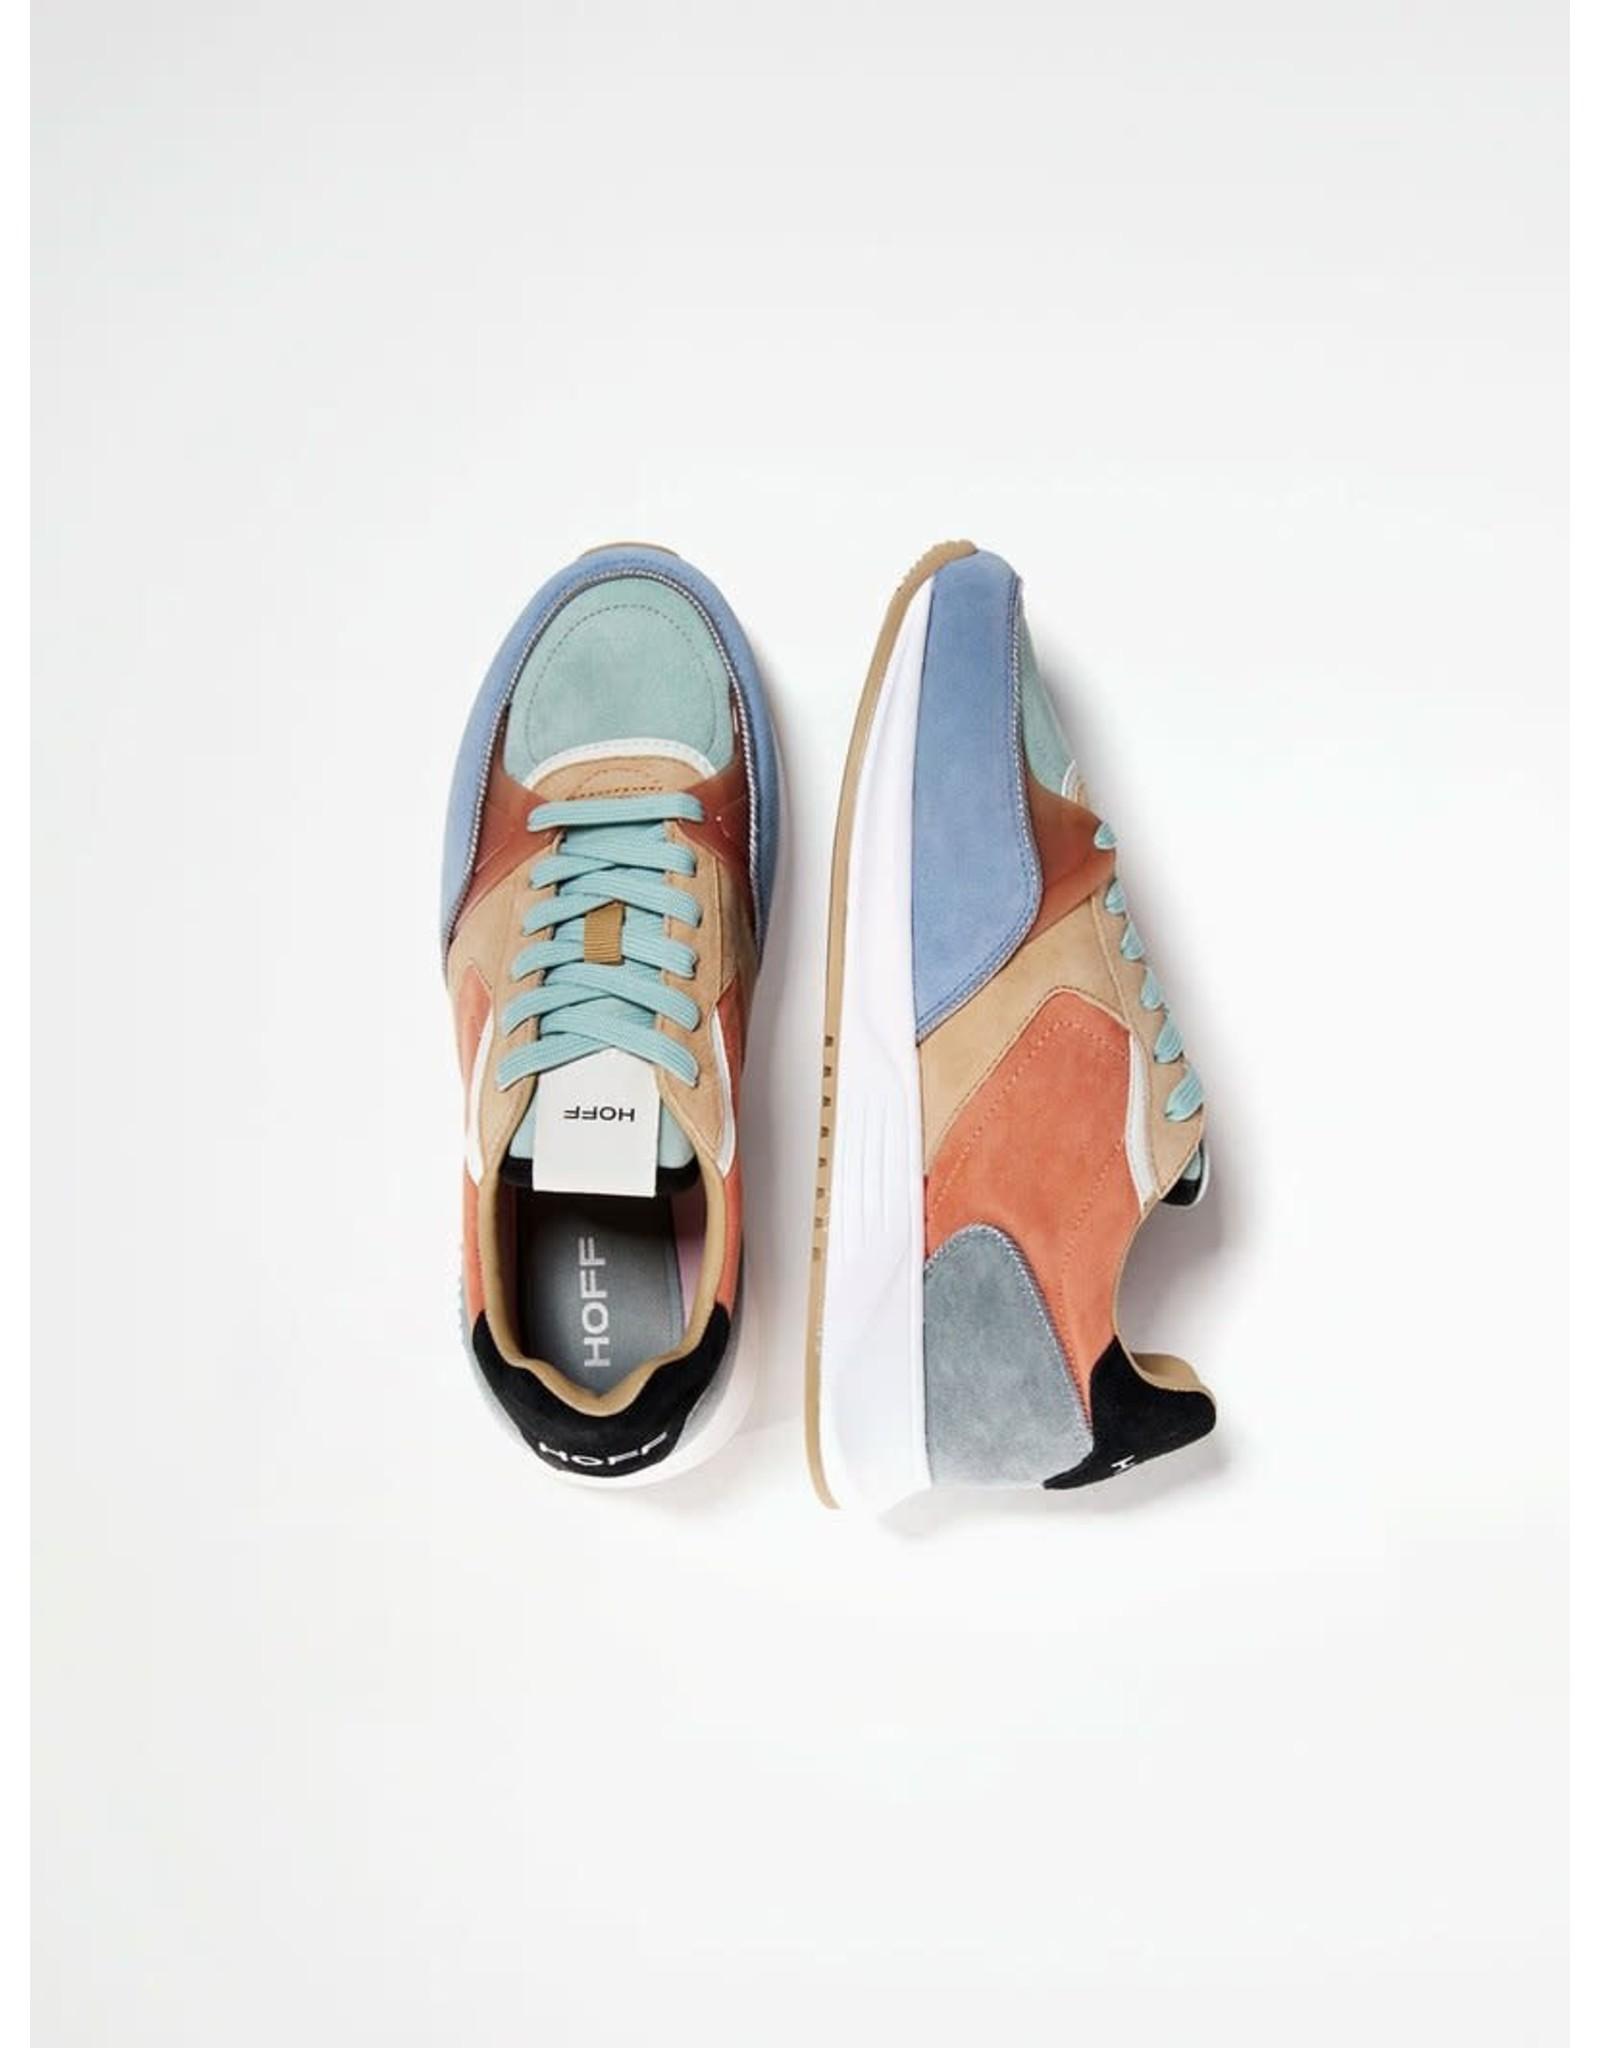 HOFF Kensington Sneakers